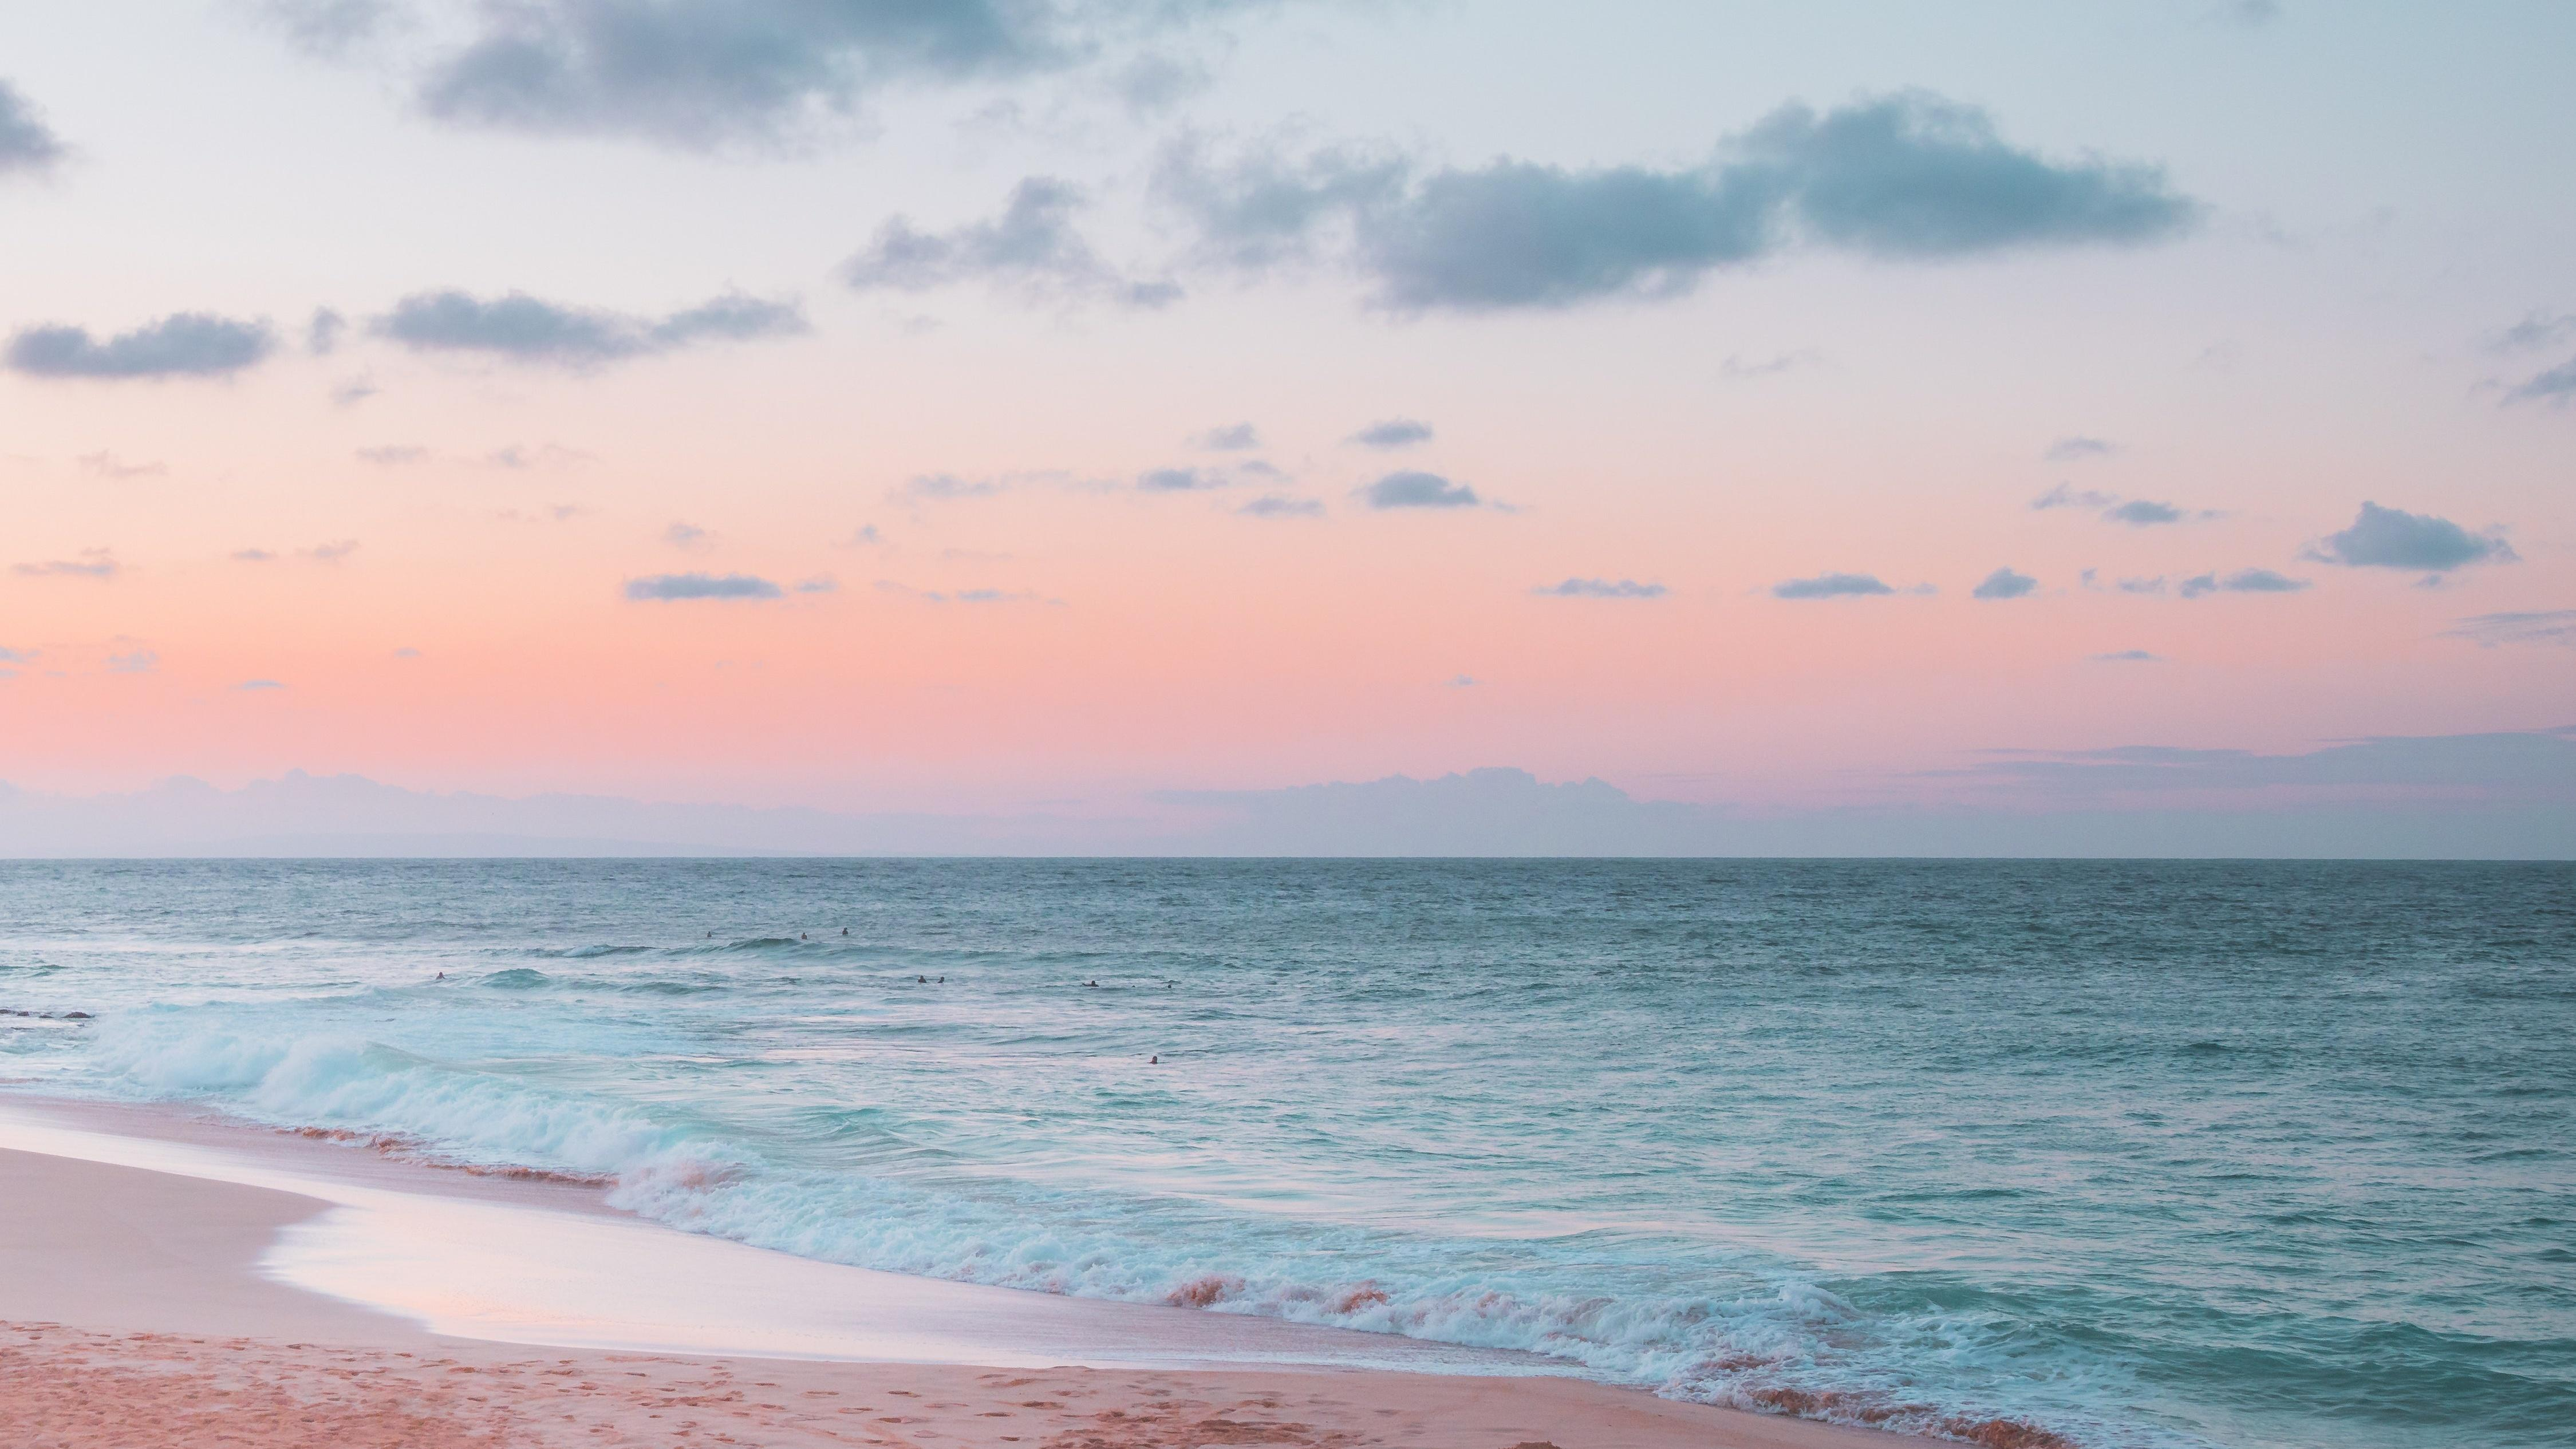 Rosa Strände: Die 5 schönsten Strände mit pinkem Sand